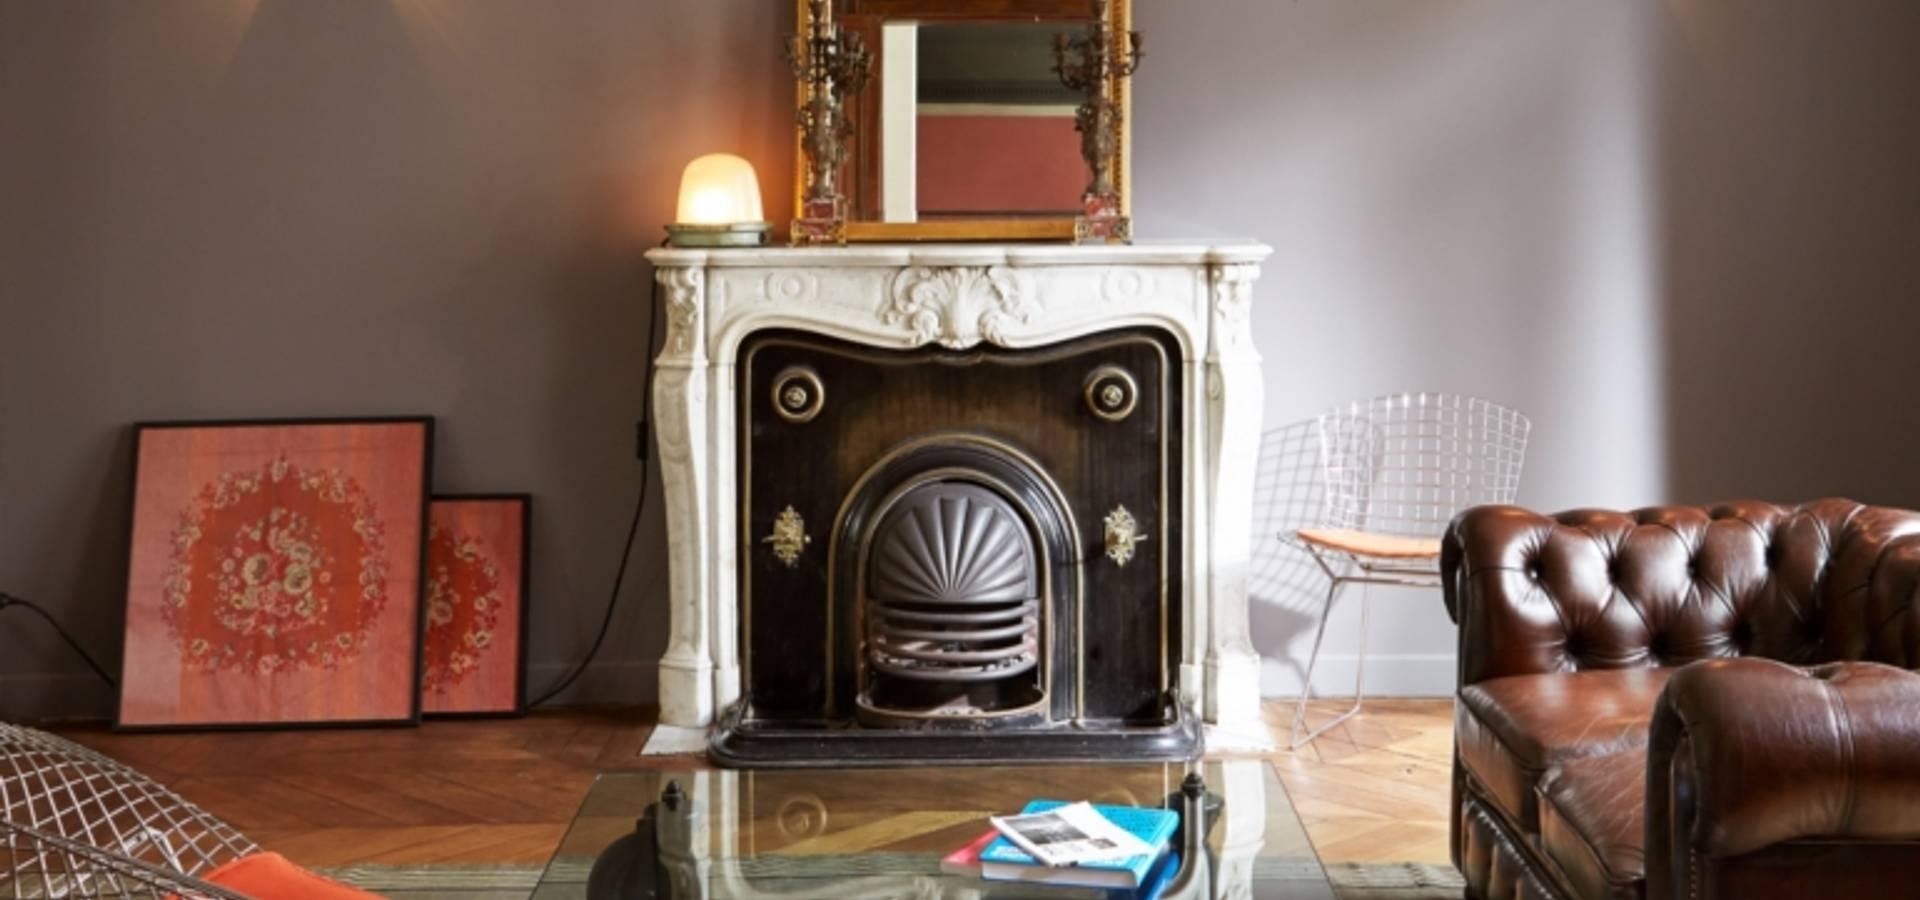 architecte plux architectes lille sur homify. Black Bedroom Furniture Sets. Home Design Ideas